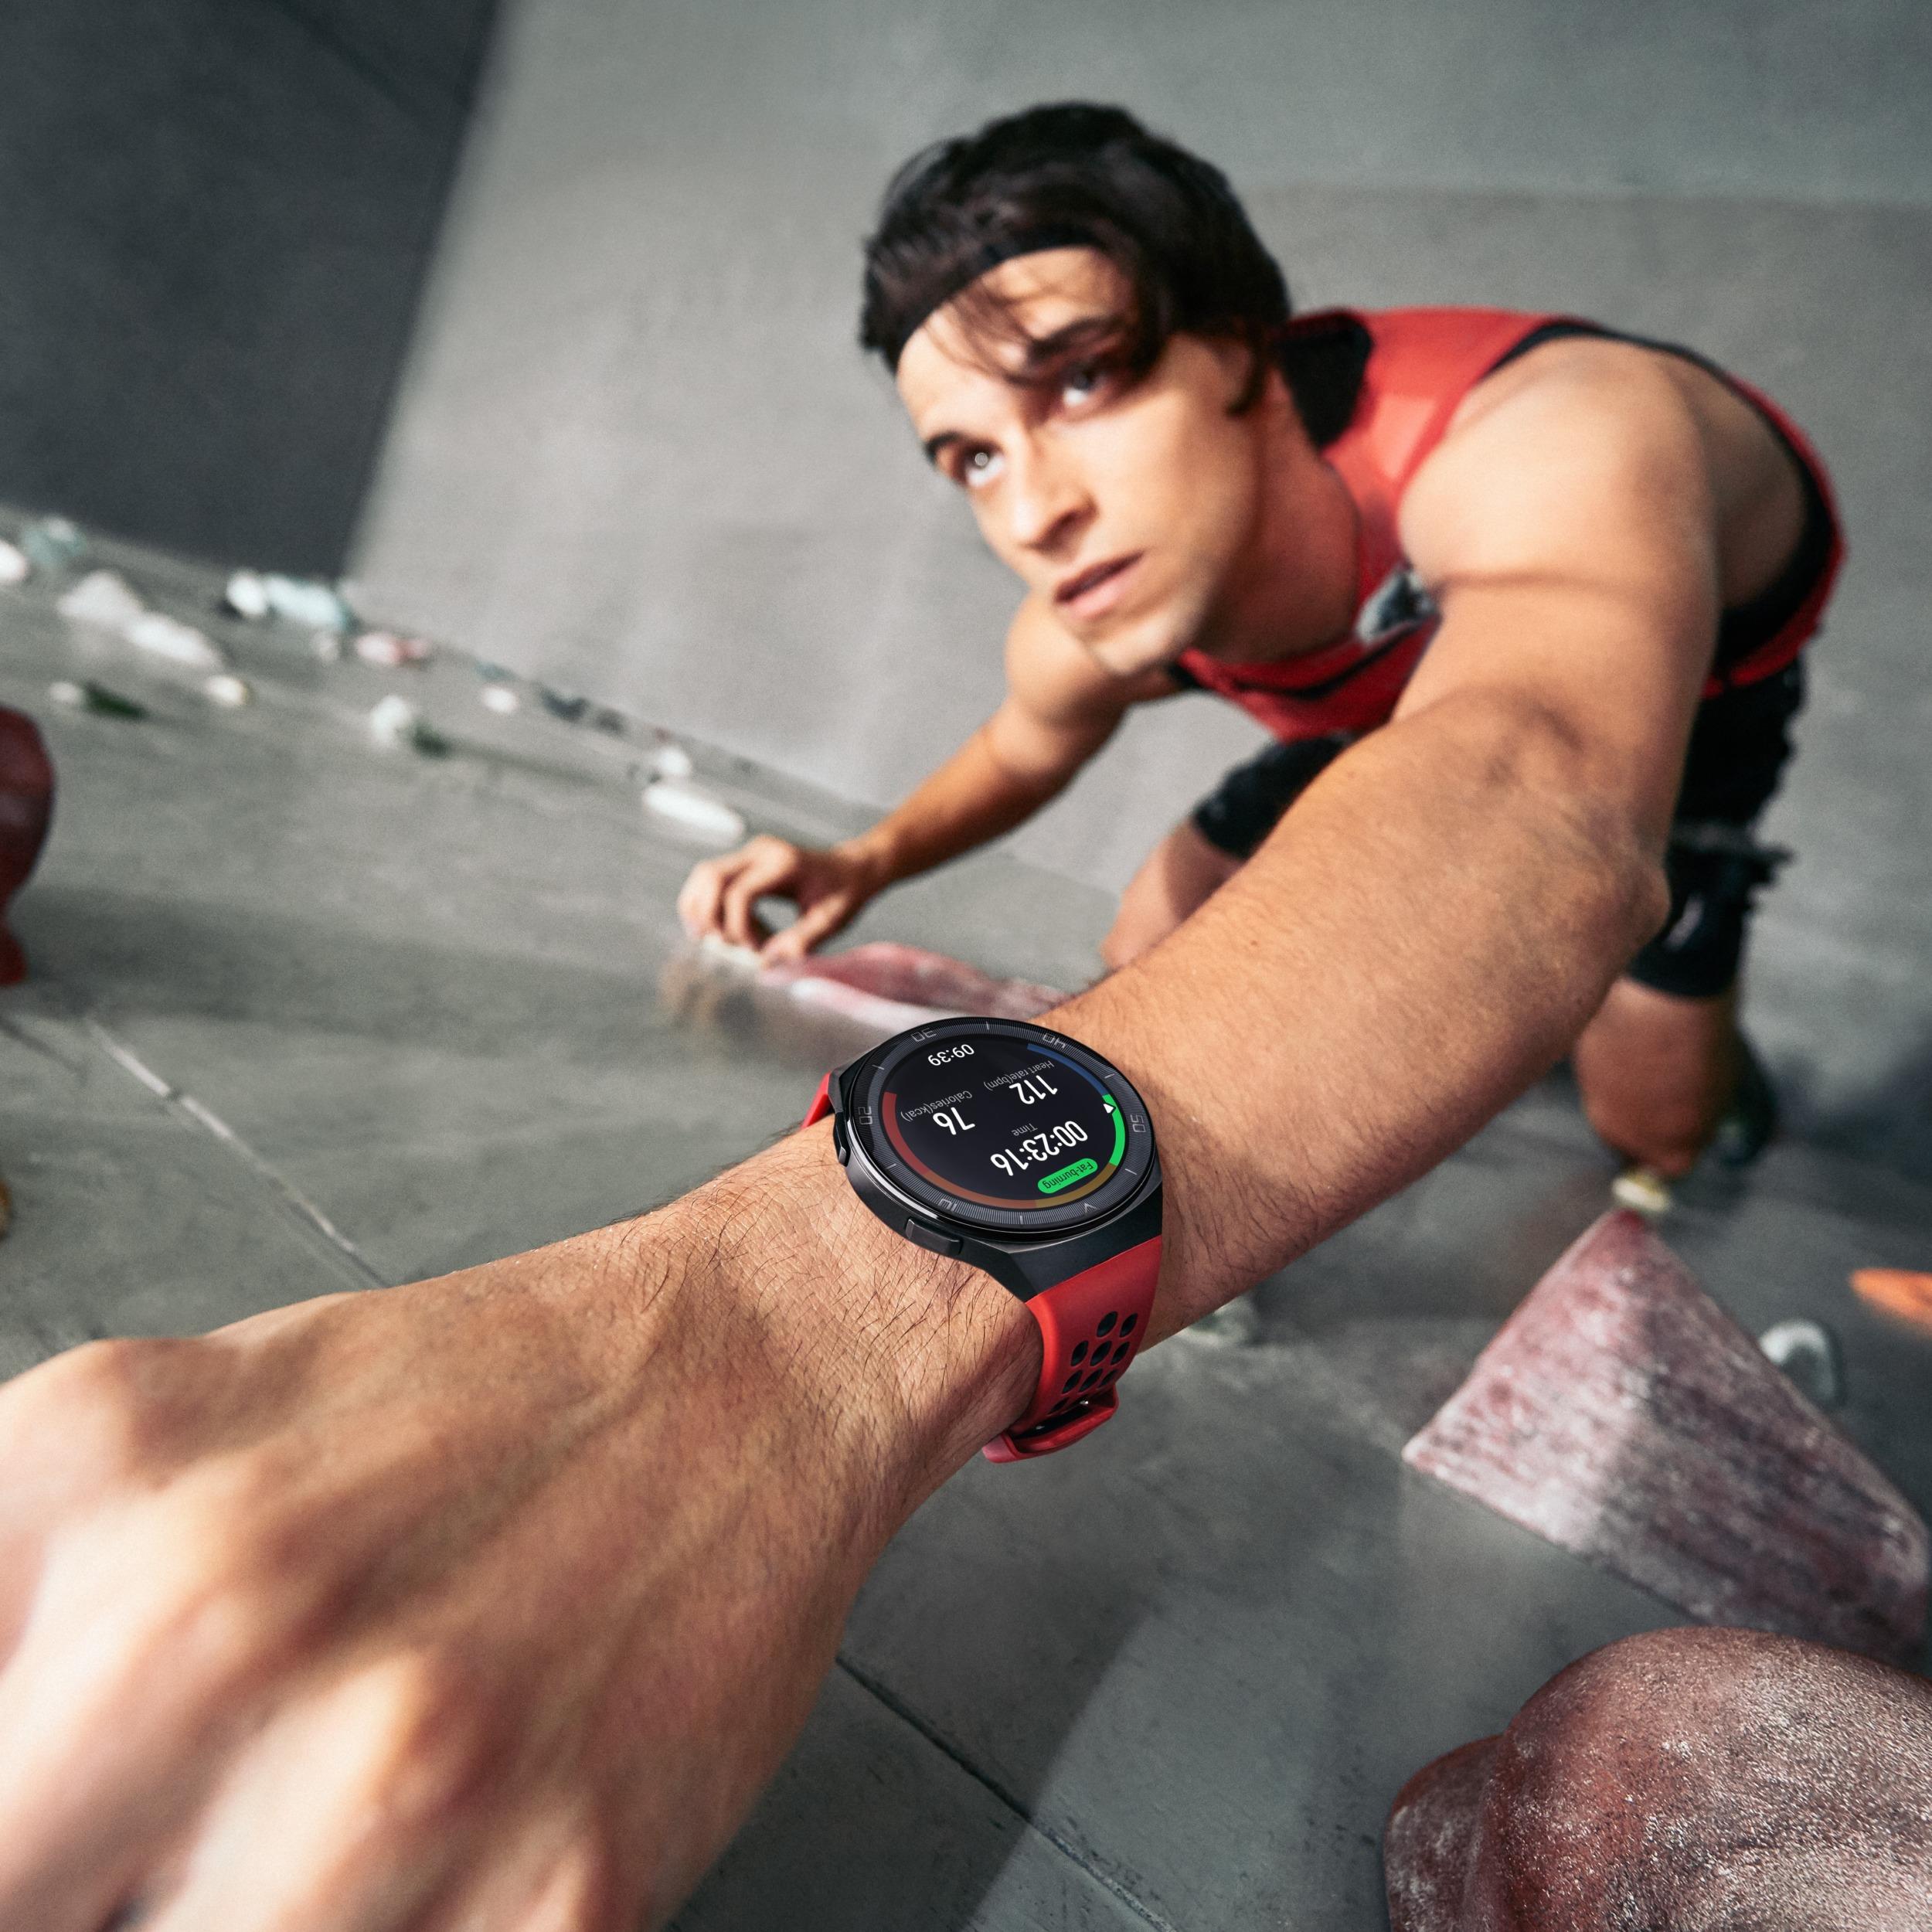 Čtyři způsoby, jak cvičit doma a zůstat ve formě [sponzorovaný článek]